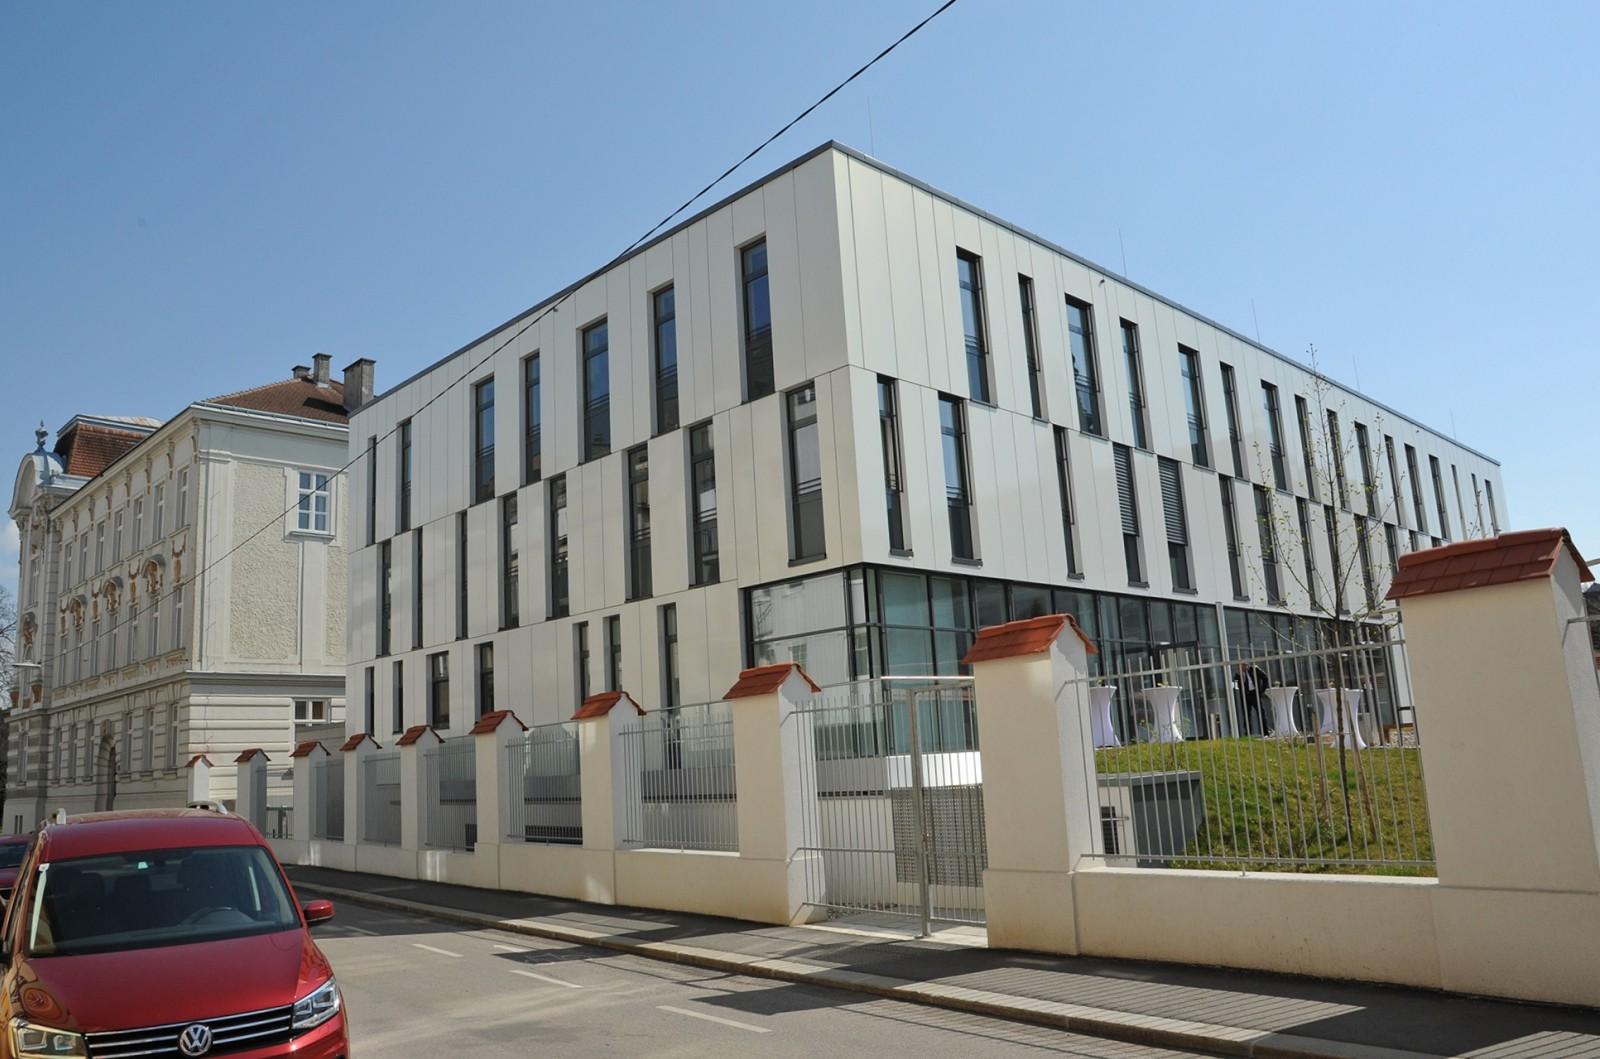 Neues Bauamt für den Bezirk